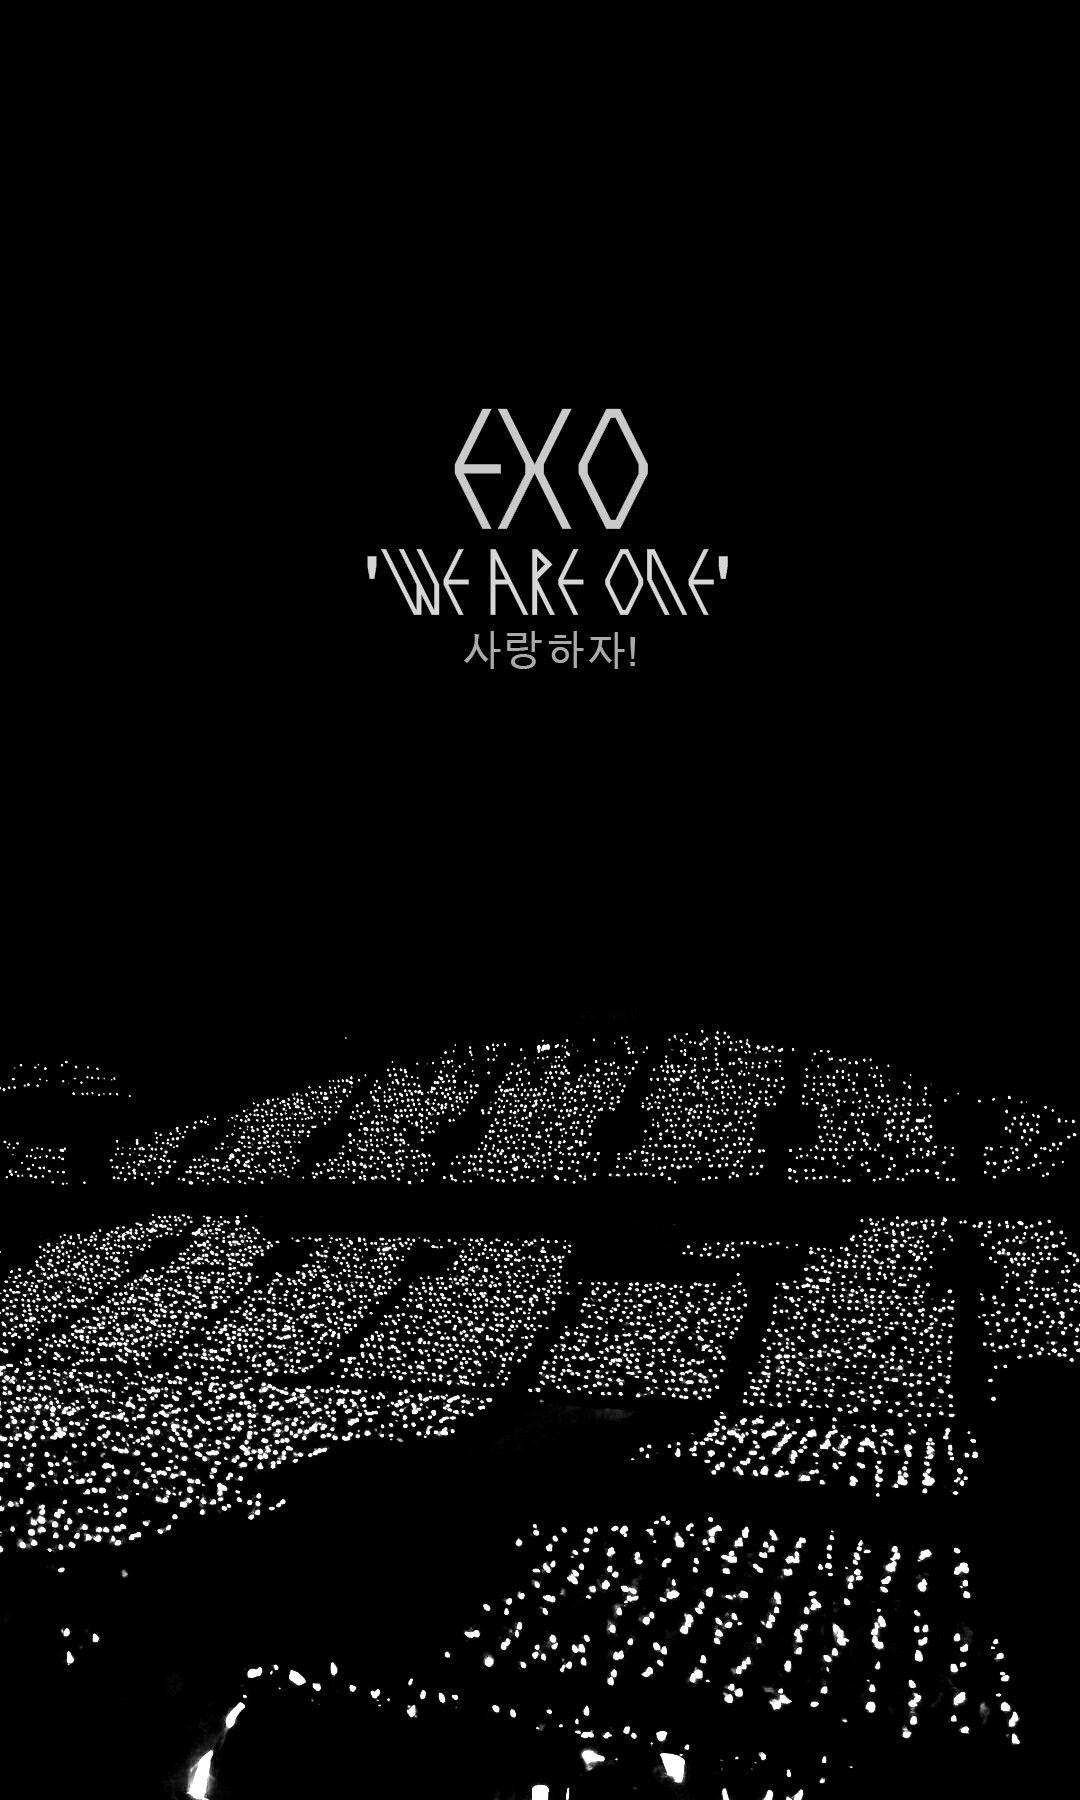 silver ocean exo exol